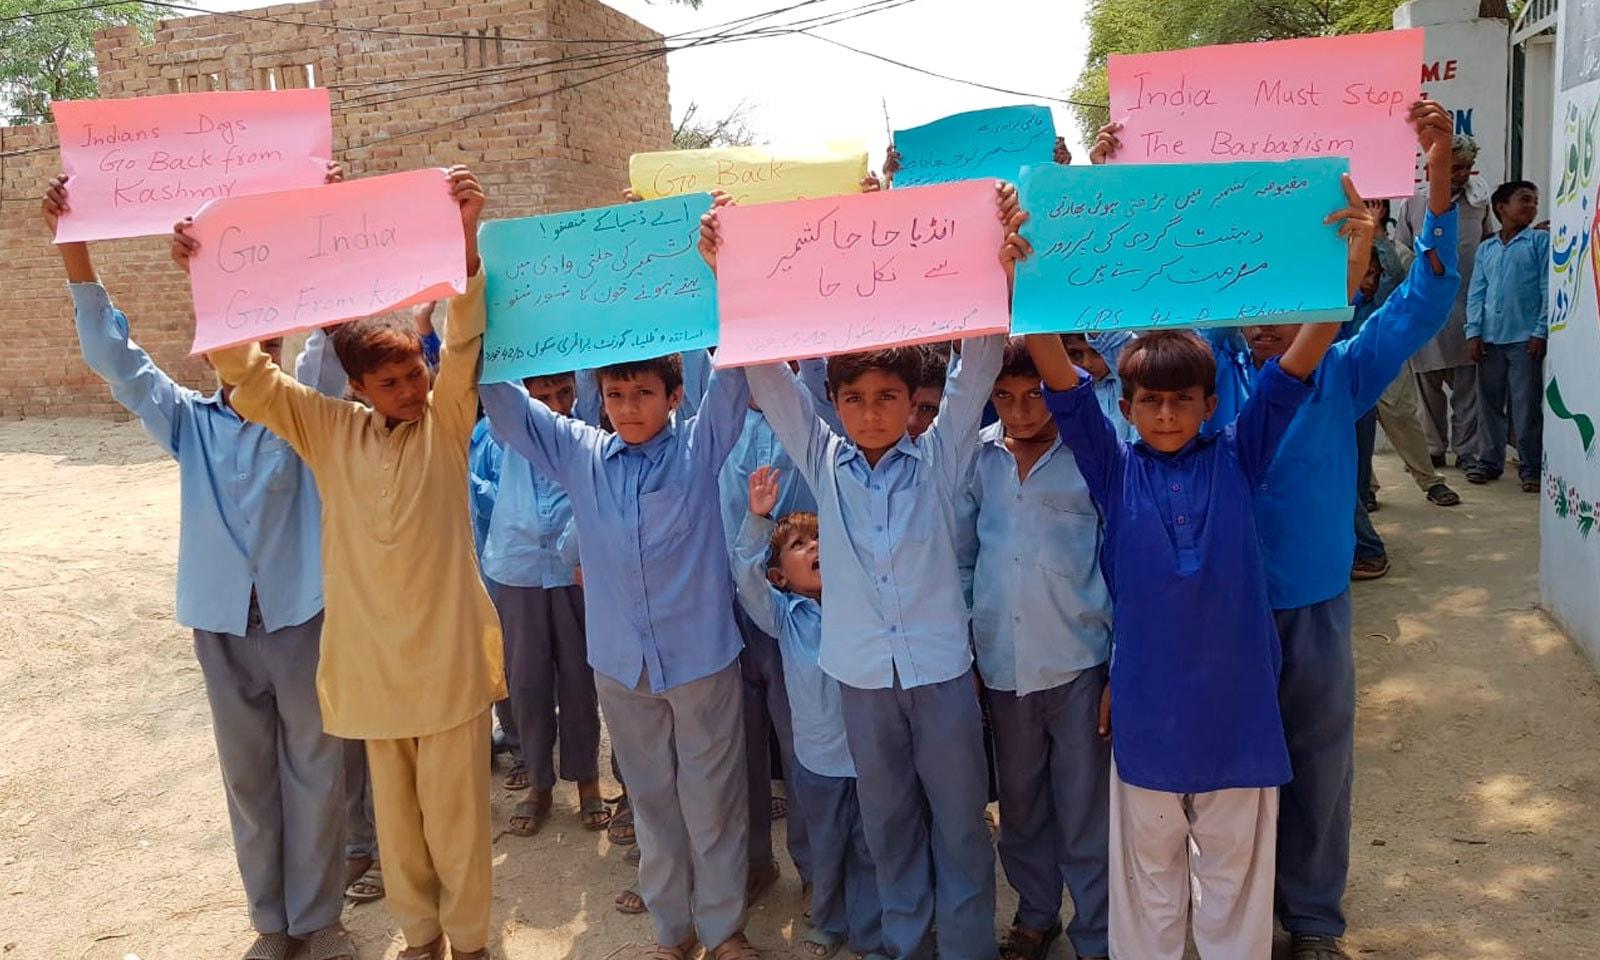 اوکاڑہ میں اسکول کے بچوں نے بھی مقبوضہ کشمیر کے عوام سے اظہارِ یکجہتی کیا — فوٹو: پی ٹی آئی ٹوئٹر